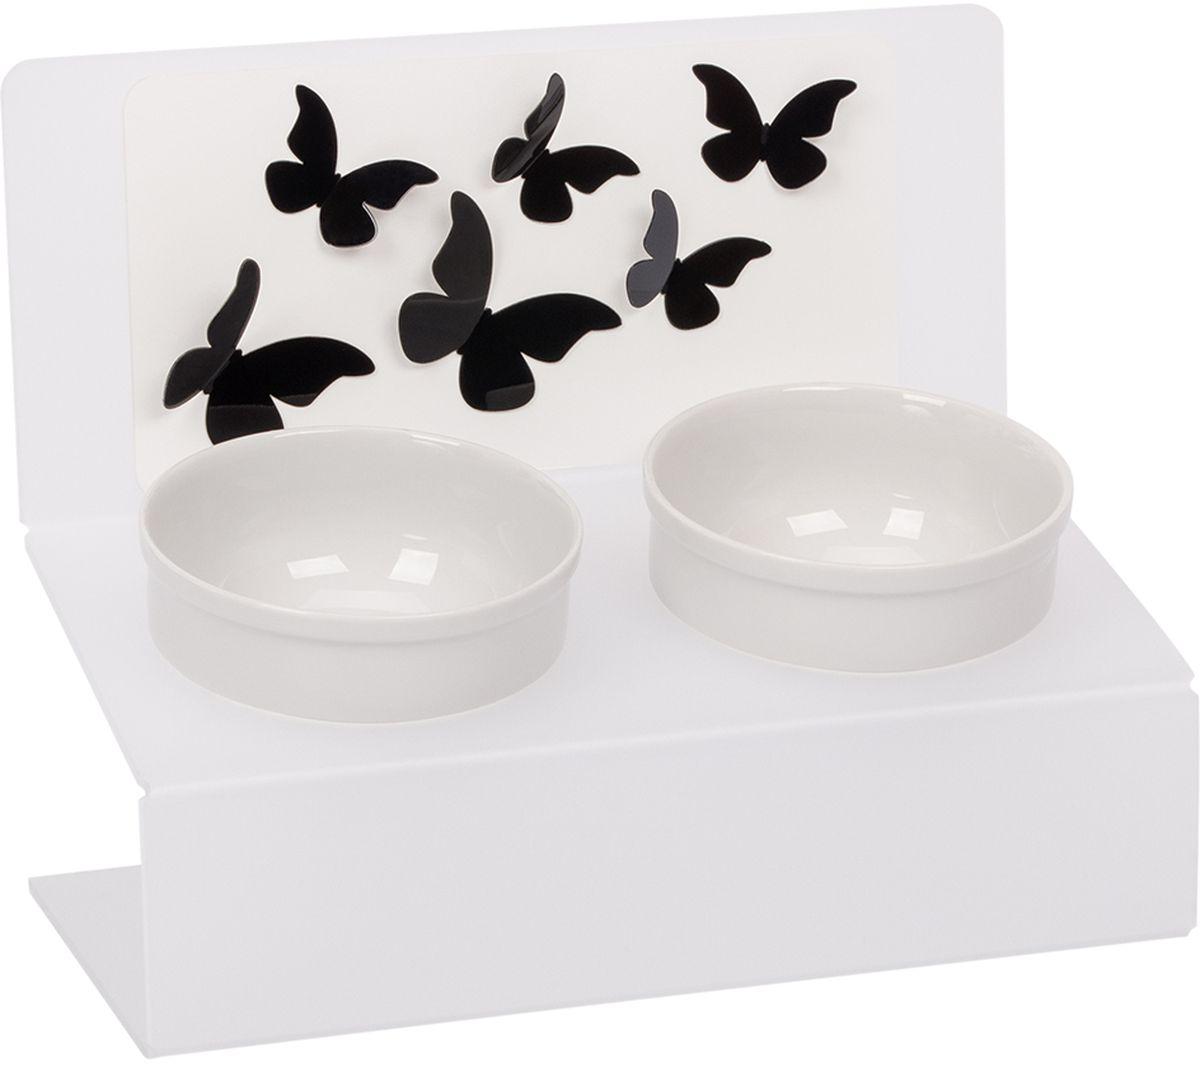 Миска для животныx Artmiska  Полет , двойная, на подставке, цвет: белый, полупрозрачный, 2 x 350 мл - Аксессуары для кормления